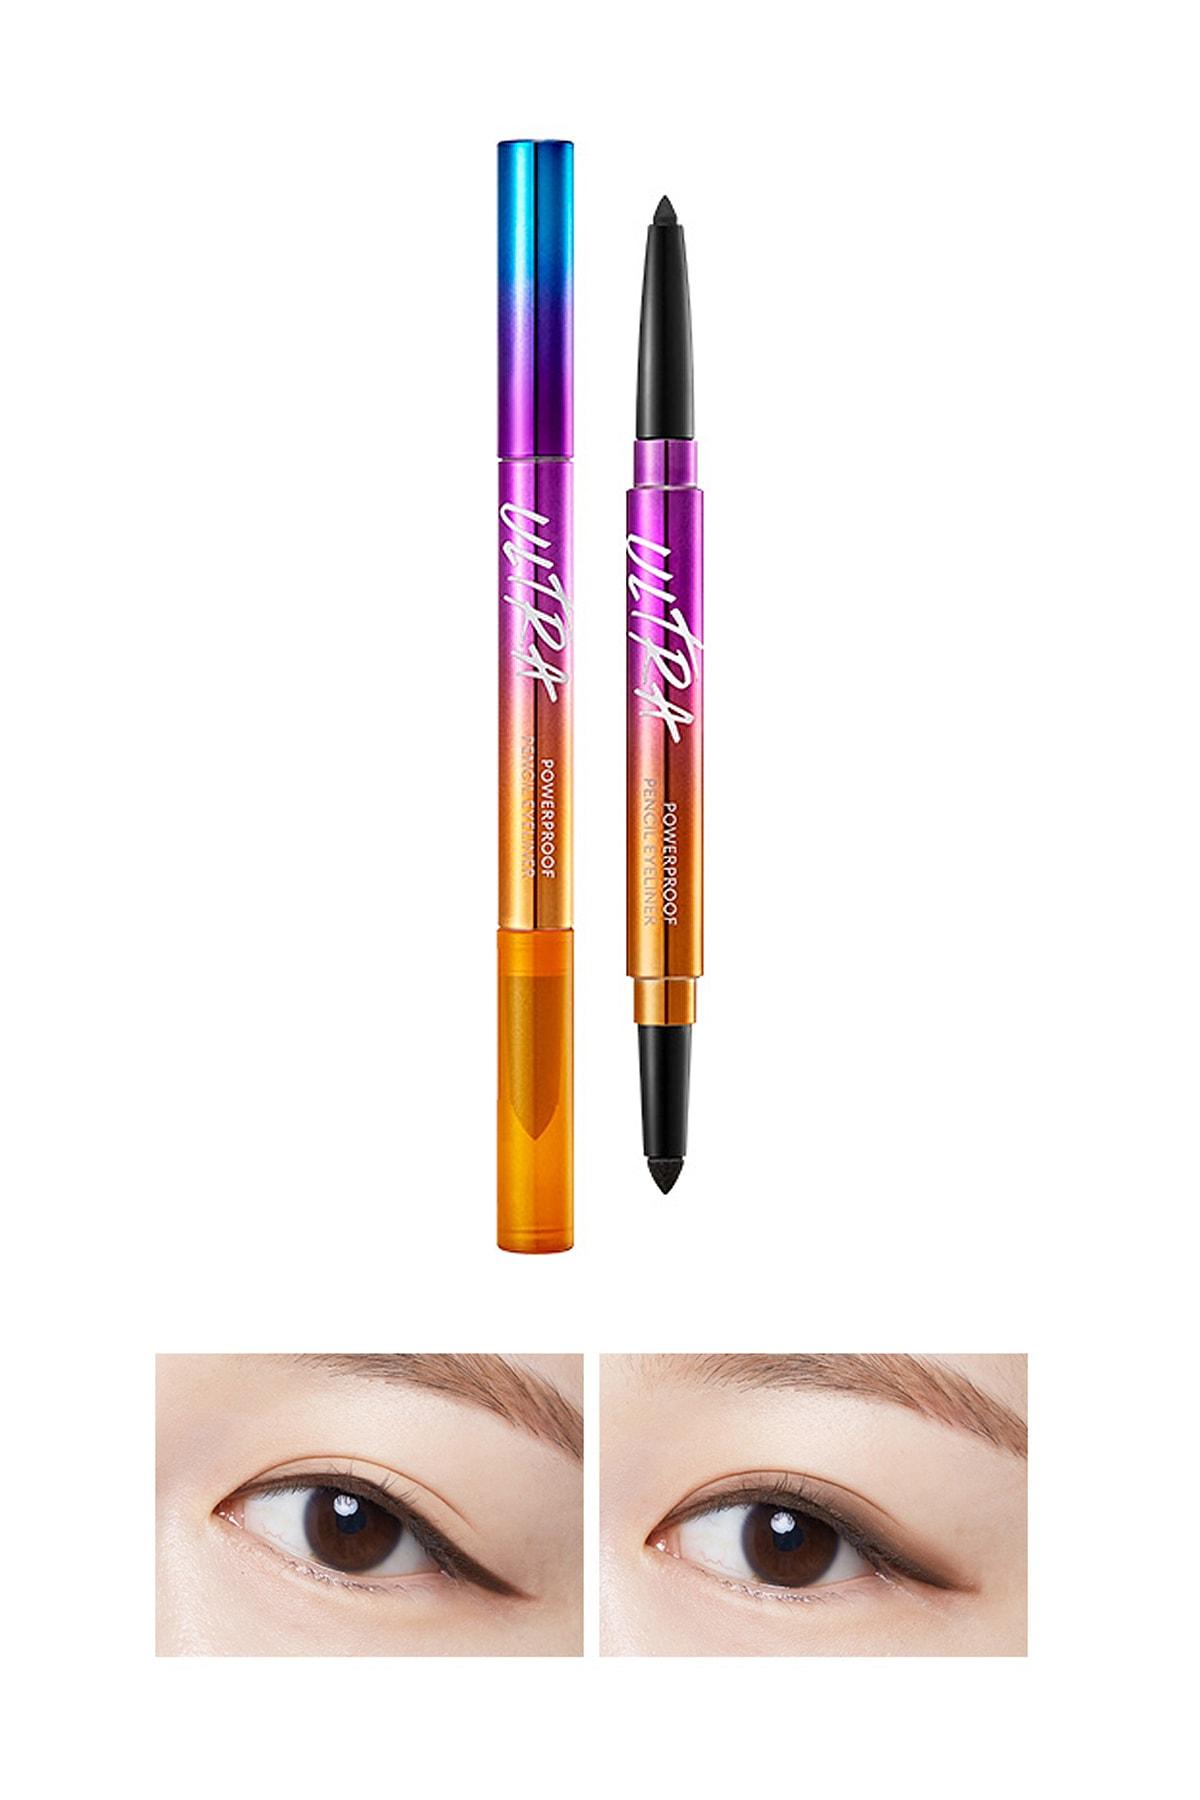 Missha Kalıcı Suya Dayanıklı Jel Göz Kalemi MISSHA Ultra Powerproof Pencil Eyeliner [Brown] 8809643506182 0